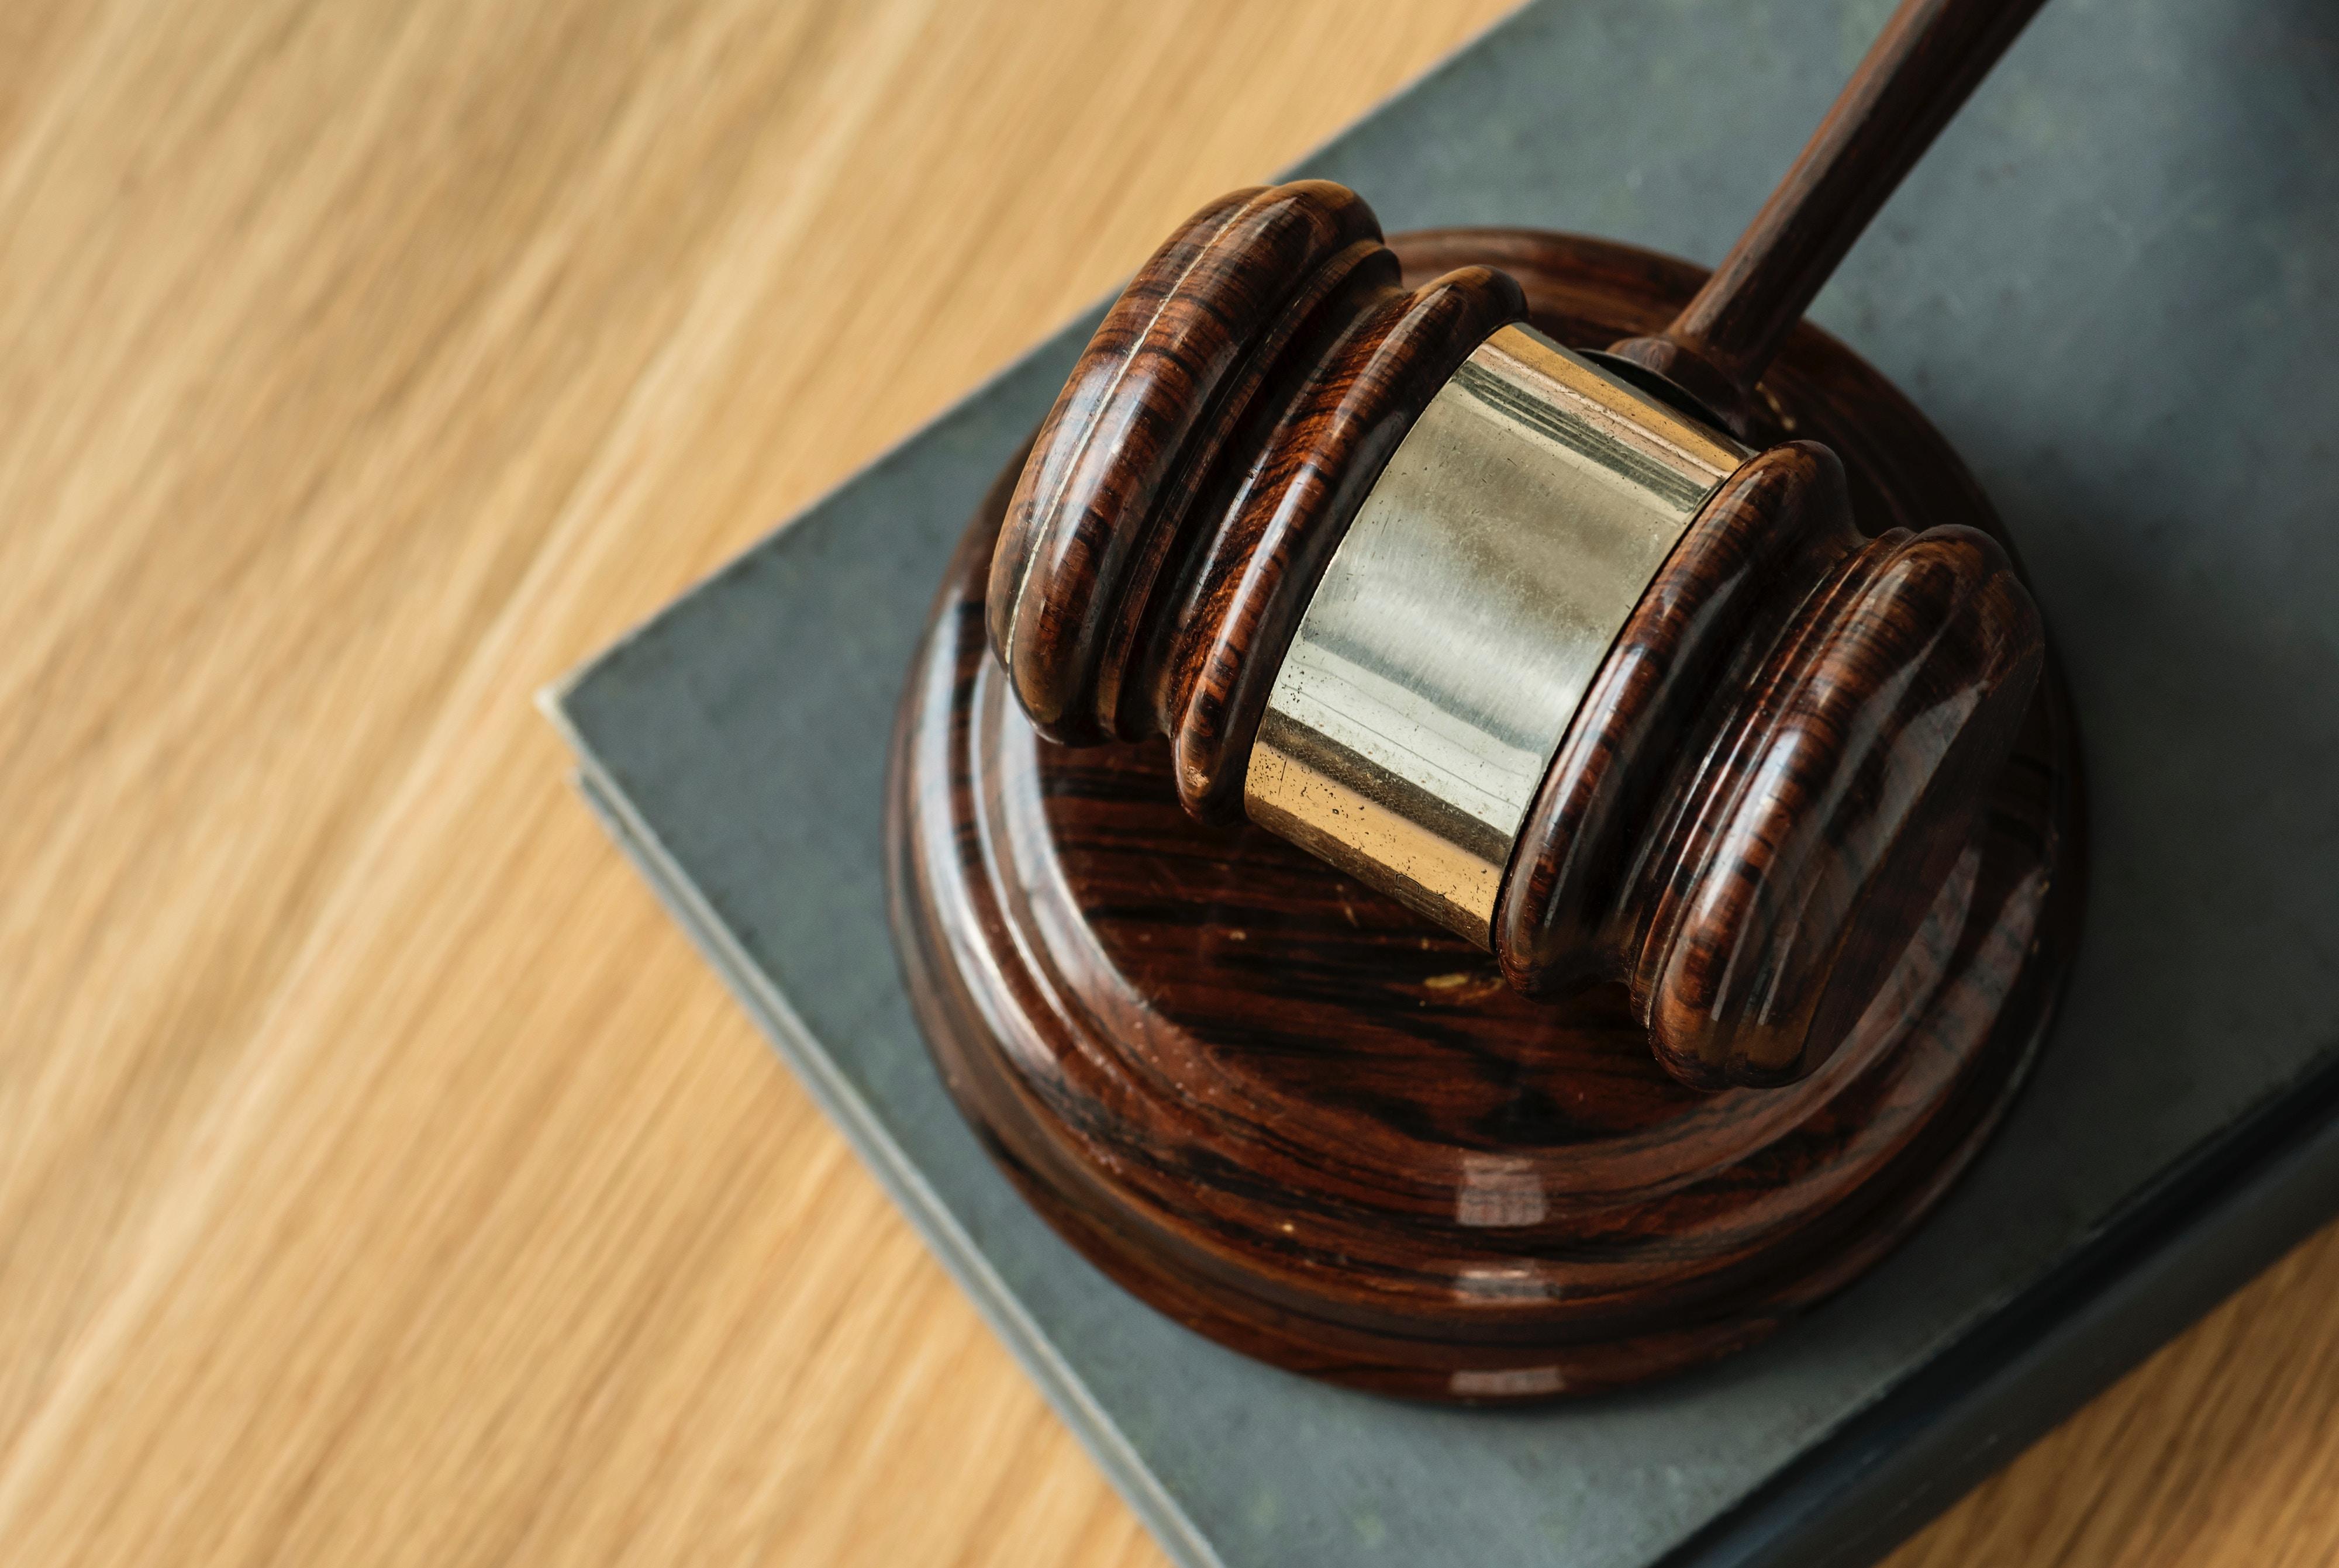 martelo utilizado em audiências judiciais em cima de uma mesa